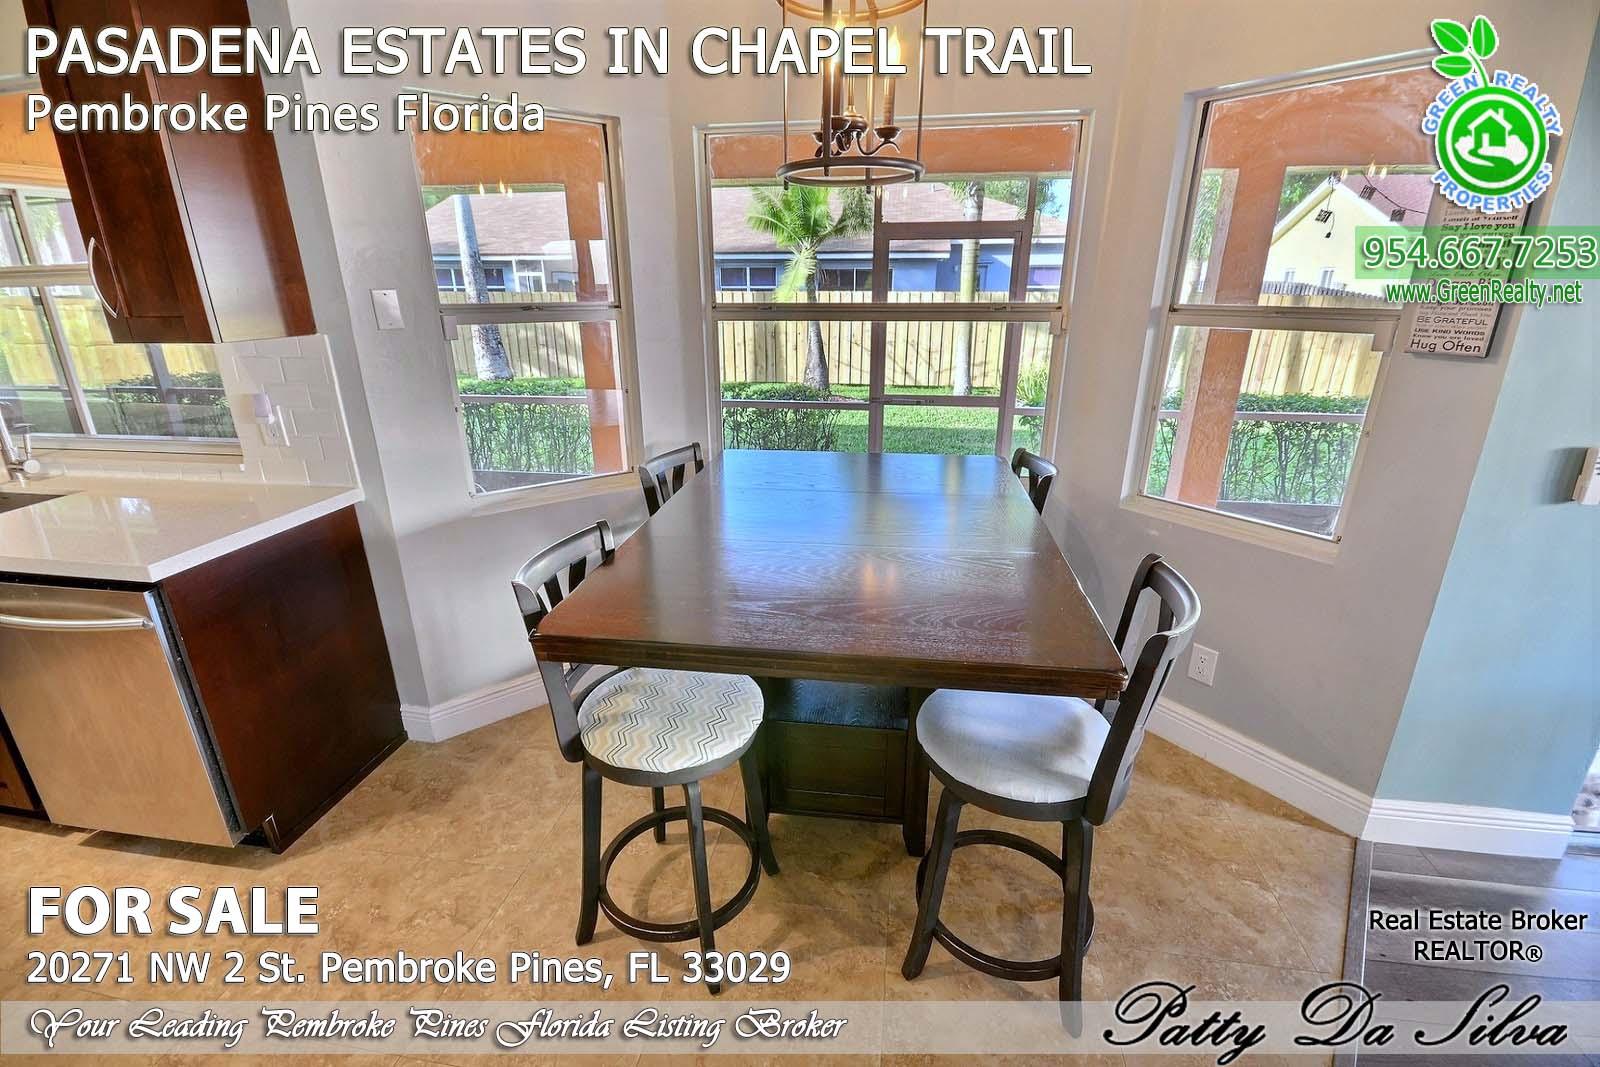 Pasadena Estates of Chapel Trail - Pembroke Pines FL (27)